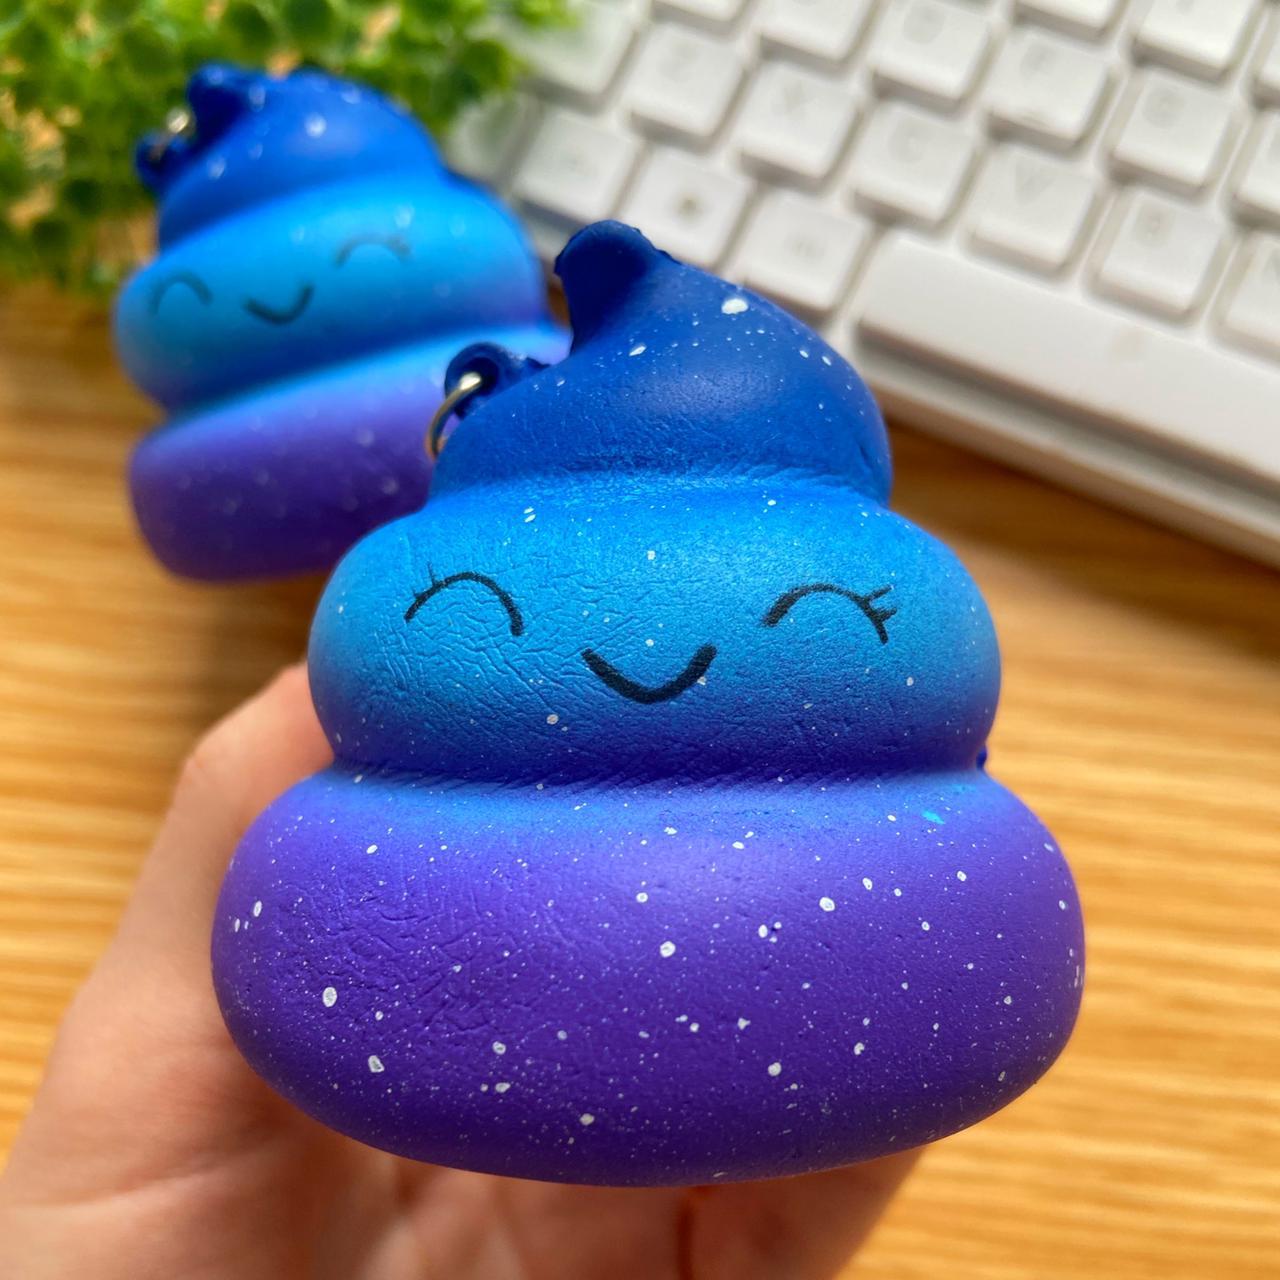 Squishy Fofinhos e Divertidos Fidget Toy Antistress | Importado